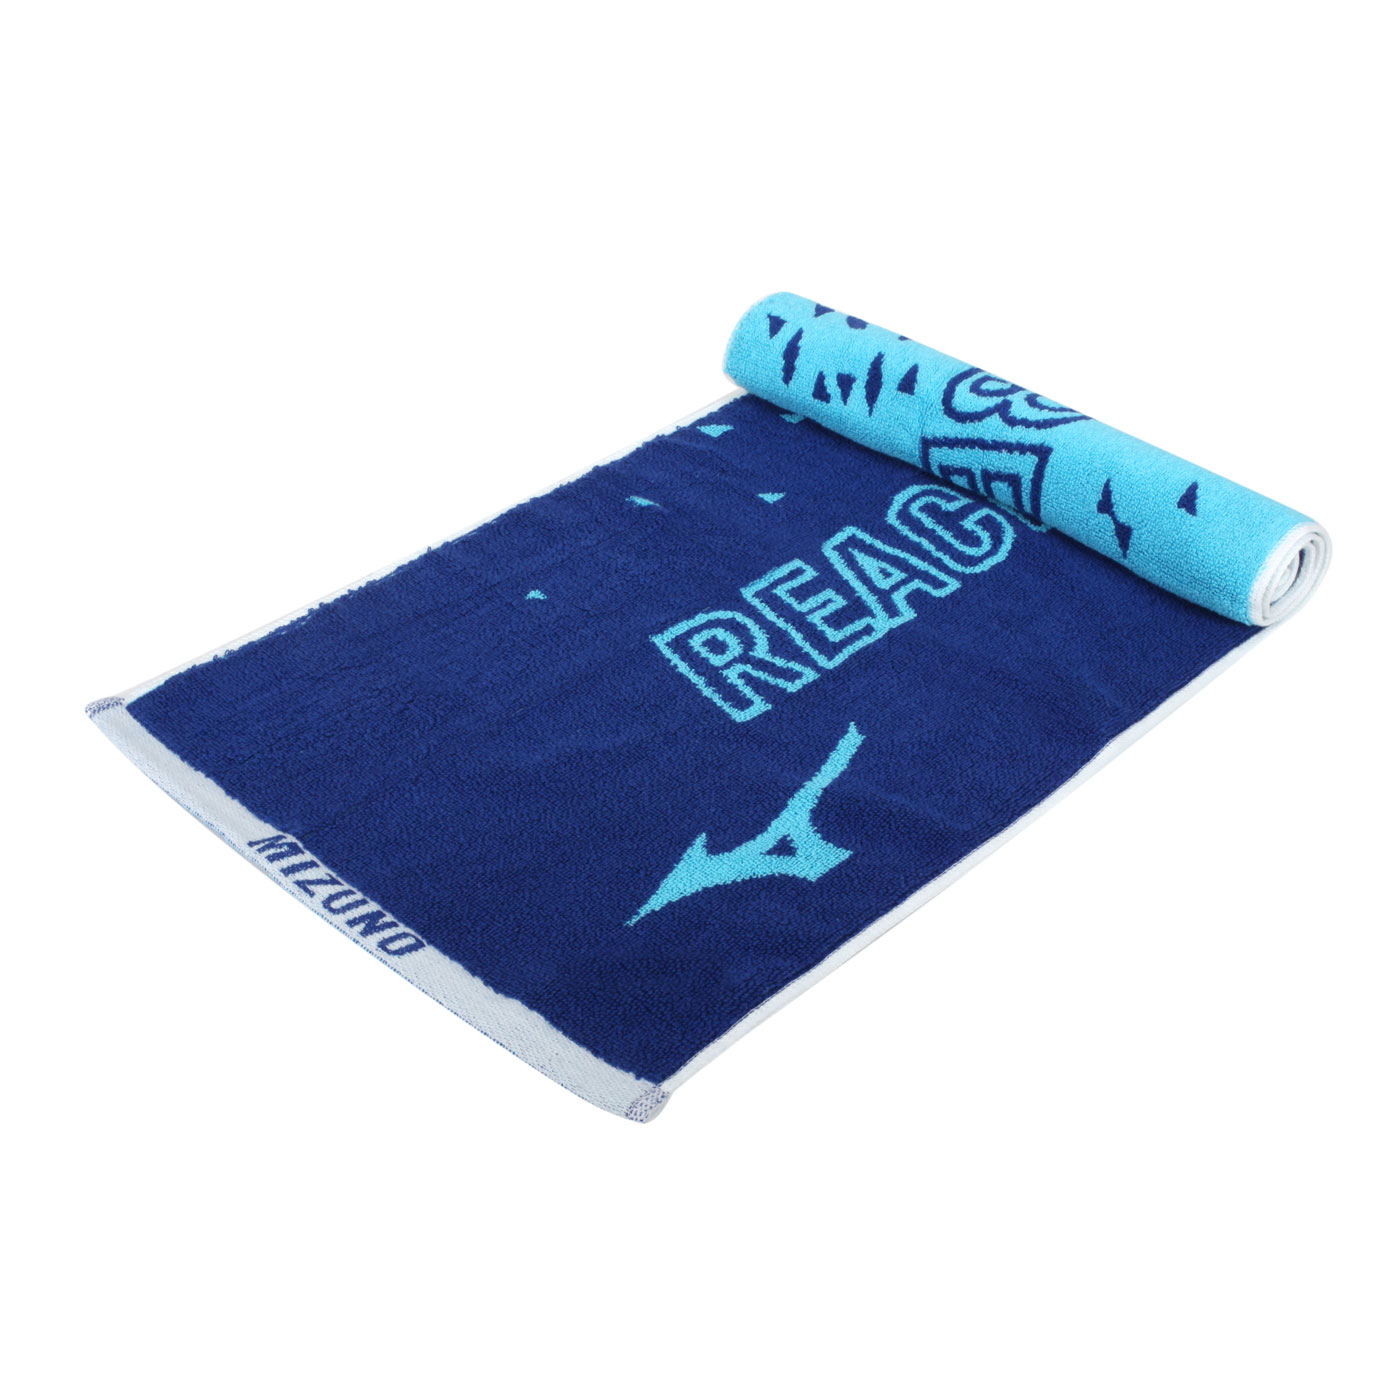 MIZUNO 提花運動毛巾 32TY150427 - 深藍水藍